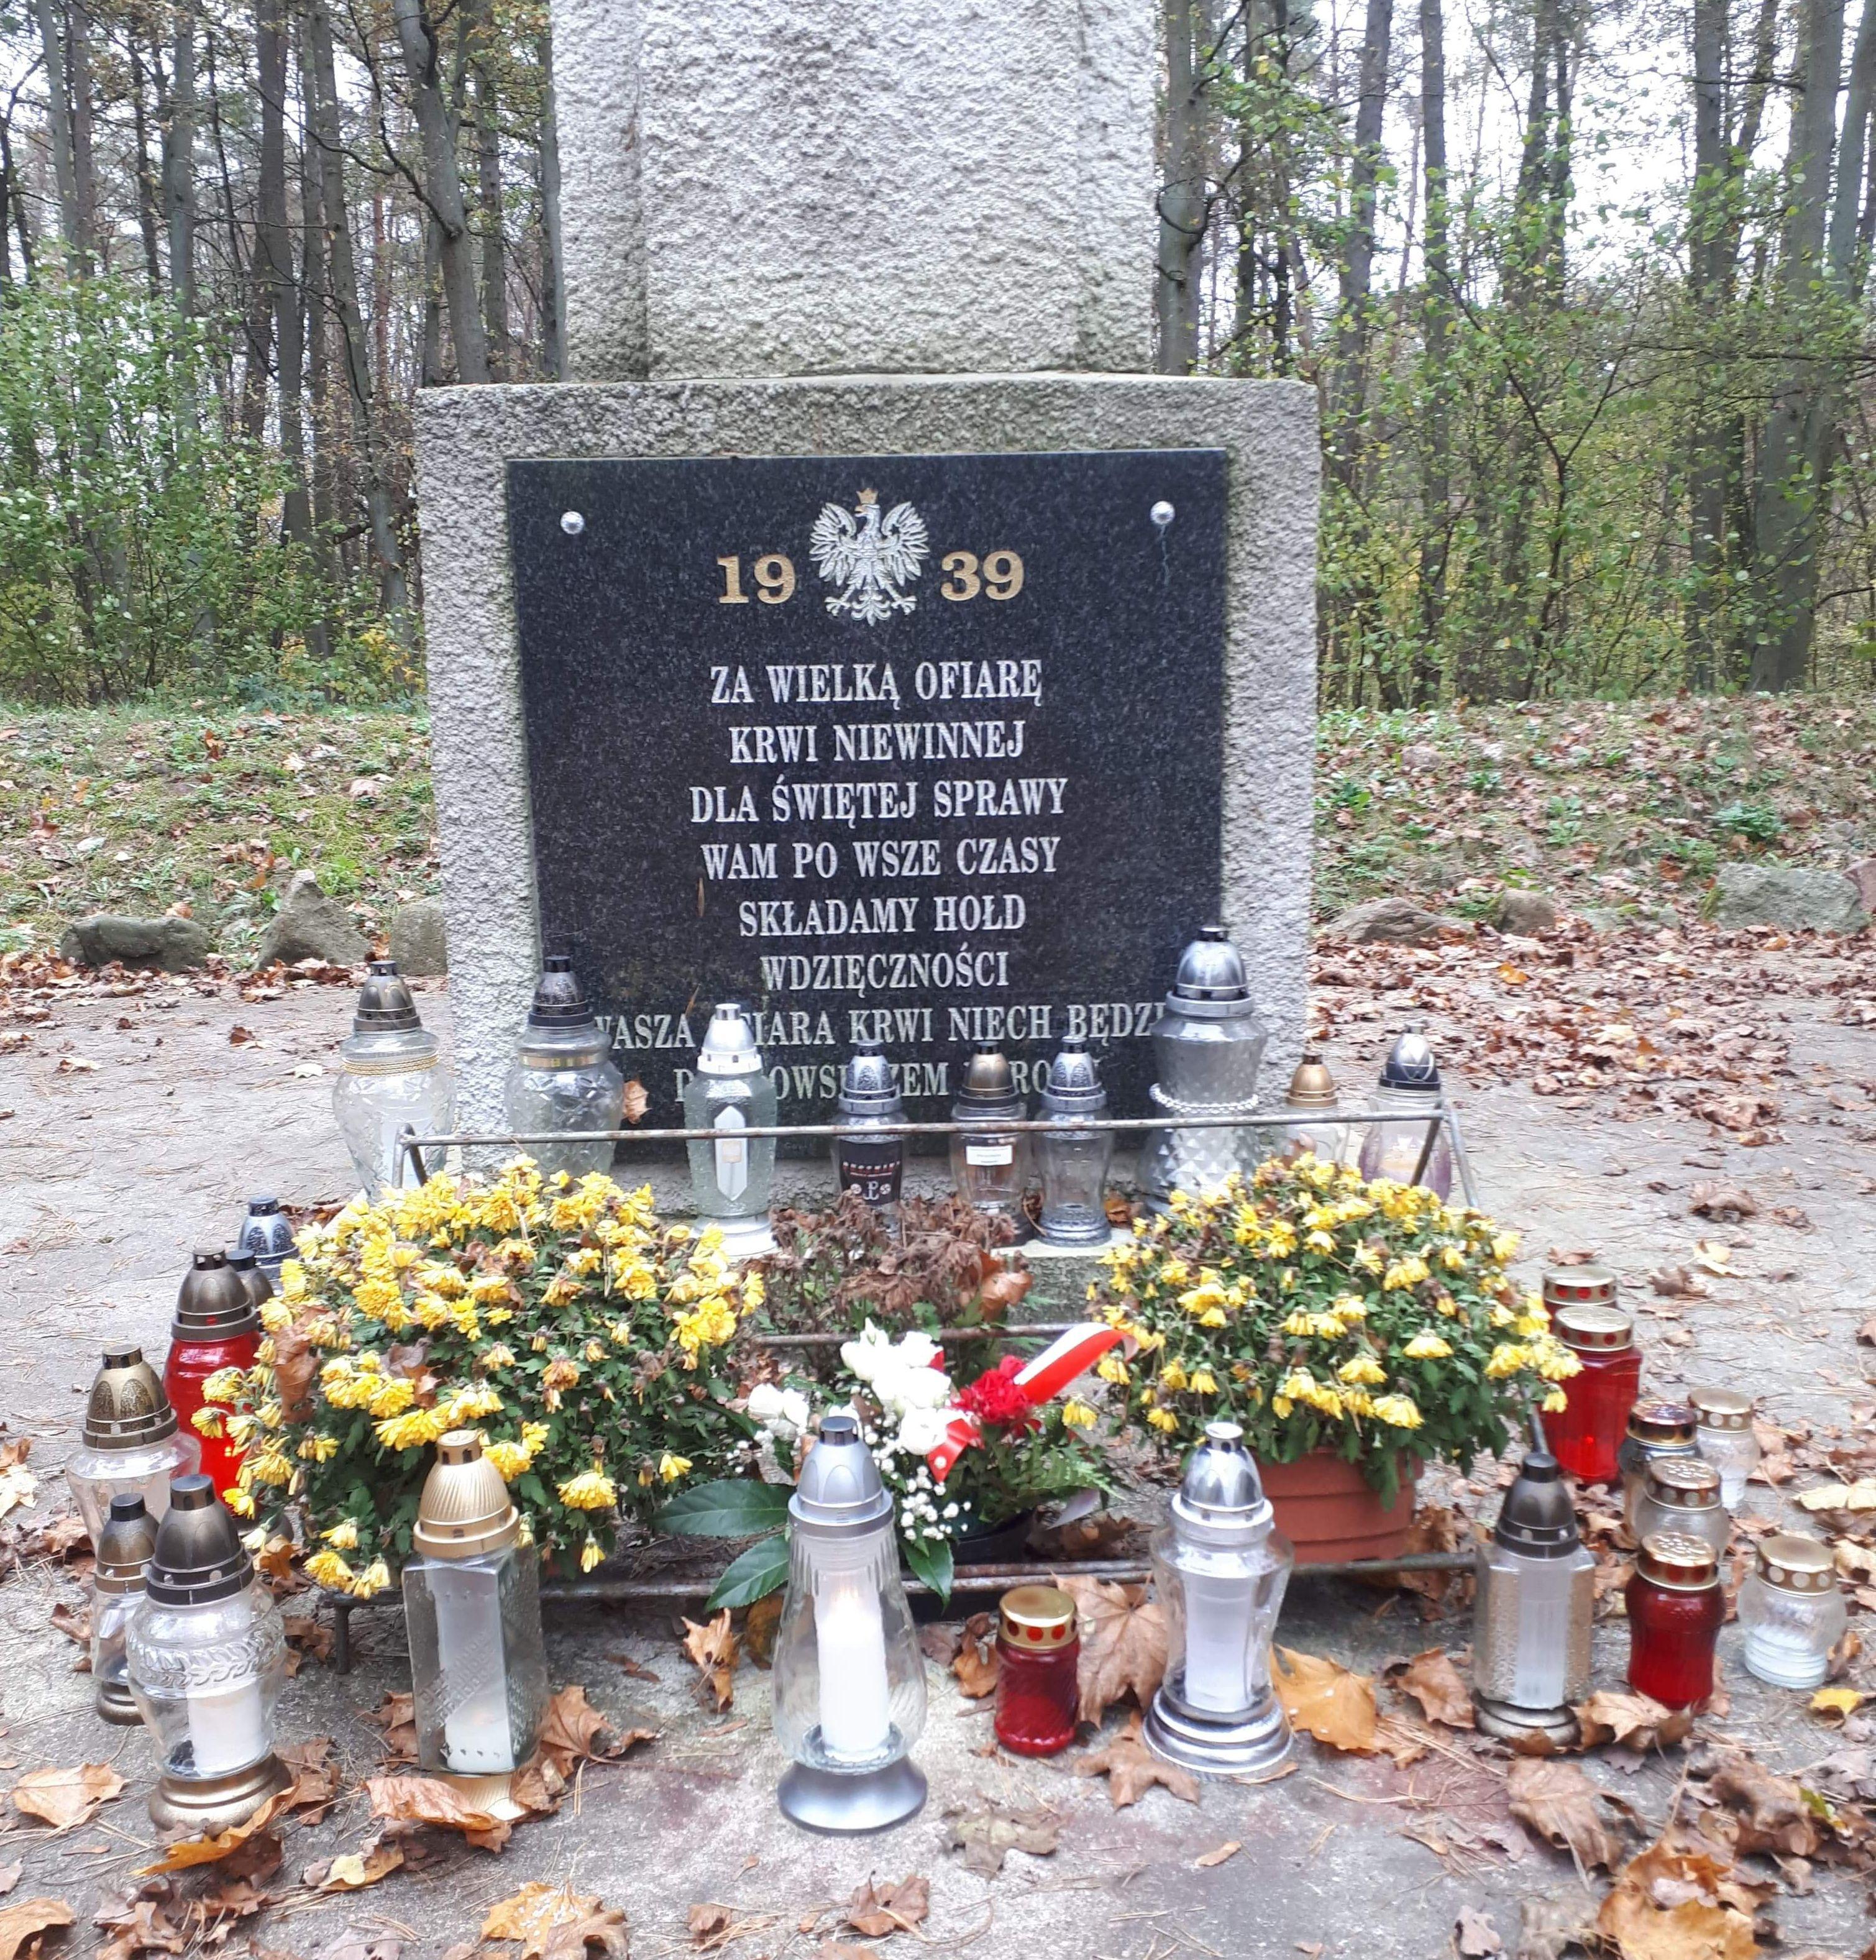 Znicze pod: Pomnikiem w Lesie Bytynskim k. Grzebieniska oraz pod pomnikiem Walk i Męczeństwa w Dusznikach - Towarzystwo Miłośników Ziemi Dusznickiej